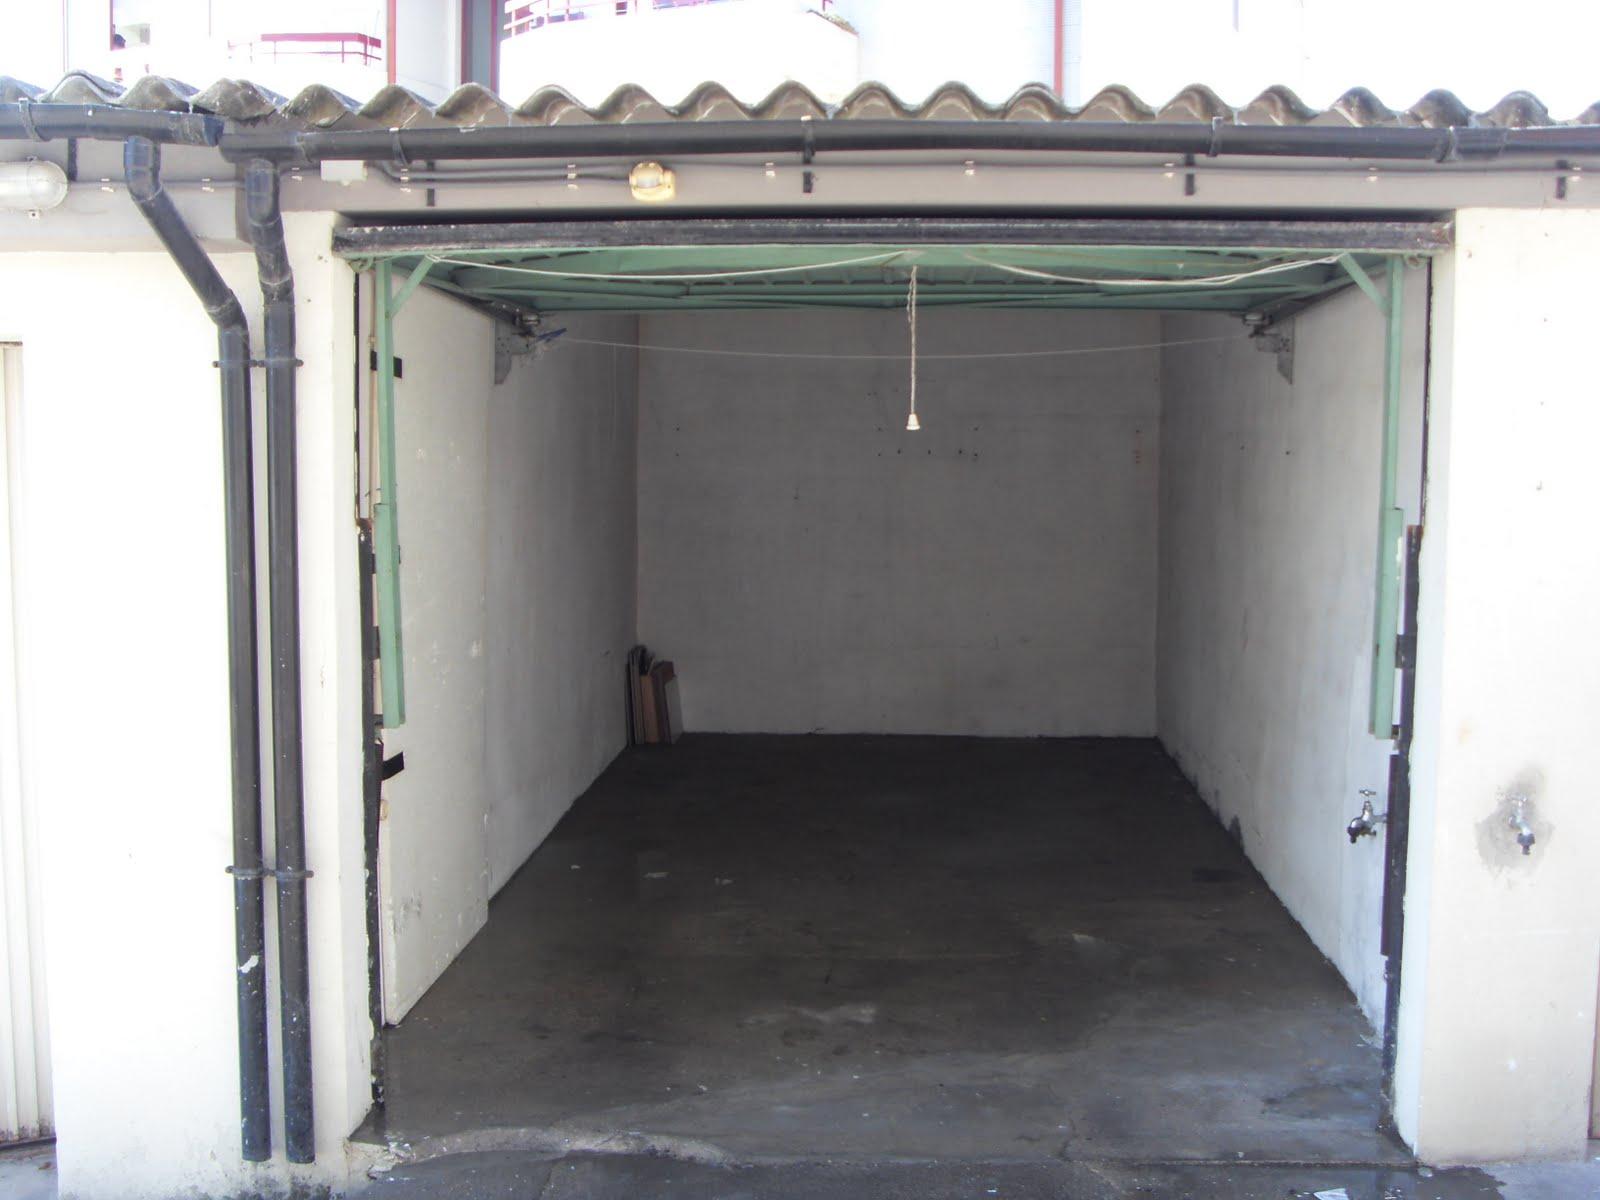 #565F75 T2sangemil: T2 Aguas Santas 482 Janelas Duplas Porto